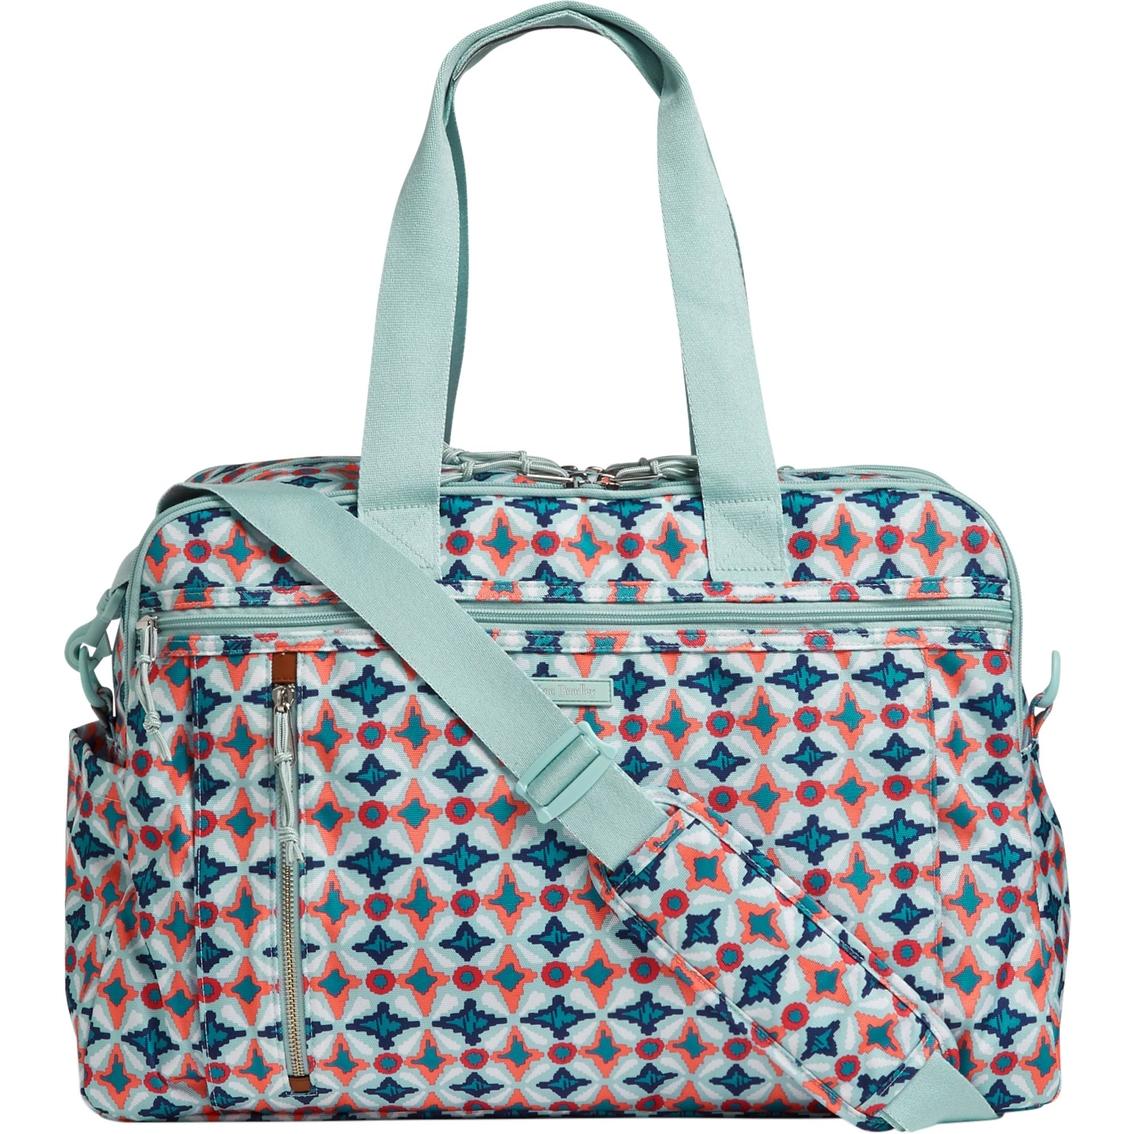 707300b2b Vera Bradley Lighten Up Weekender Travel Bag, Water Geo | Shop By ...